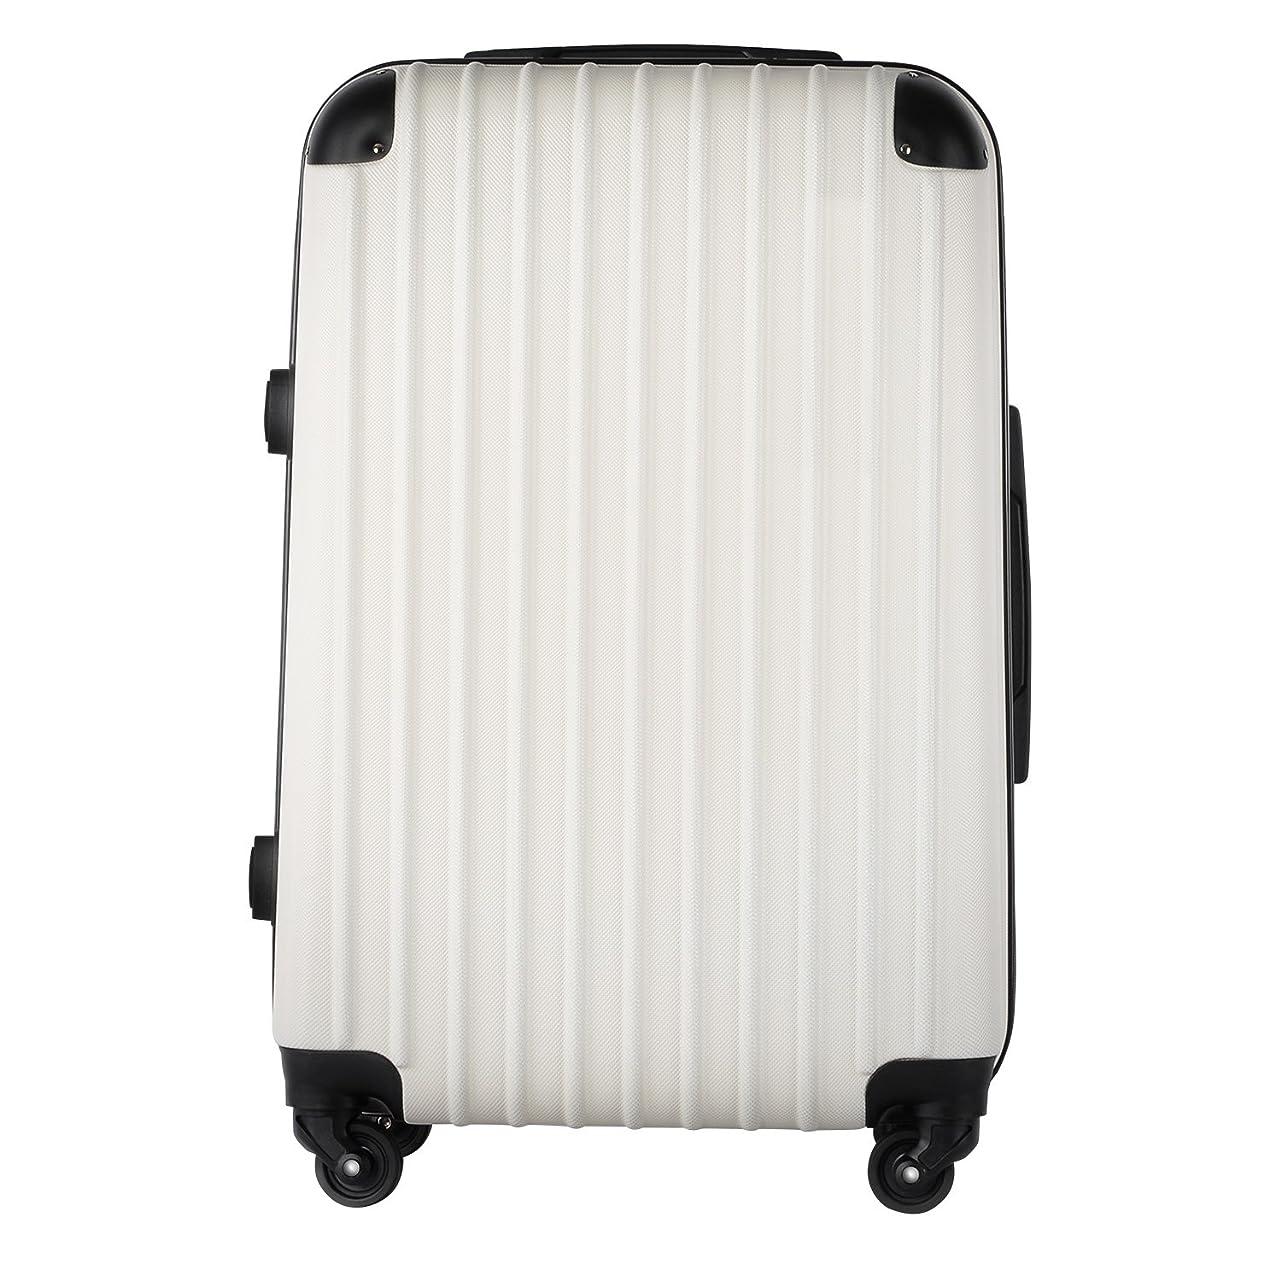 スーパーチャットハンディ【レセナ】RESENA スーツケース 超軽量 キャリーケース ファスナー ABS 静音キャスター おしゃれ かわいい 旅行 出張